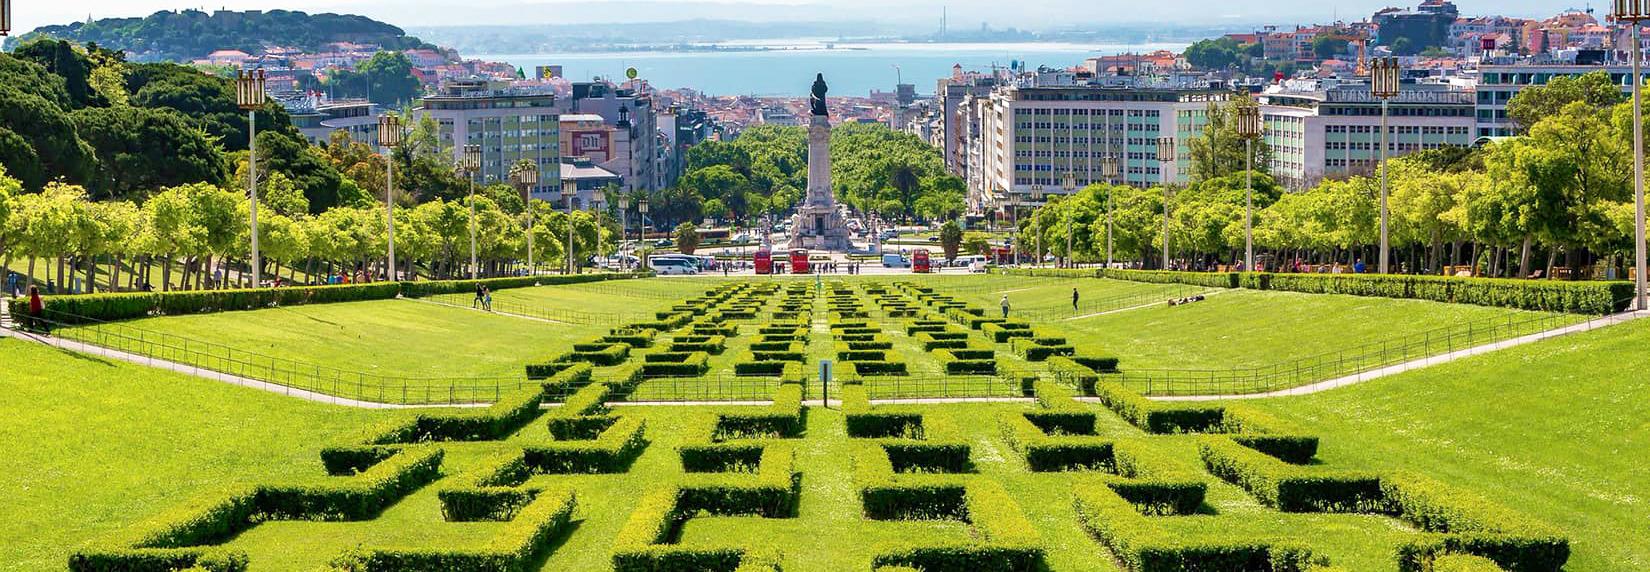 Parque Eduardo VII - nacionalidade portuguesa